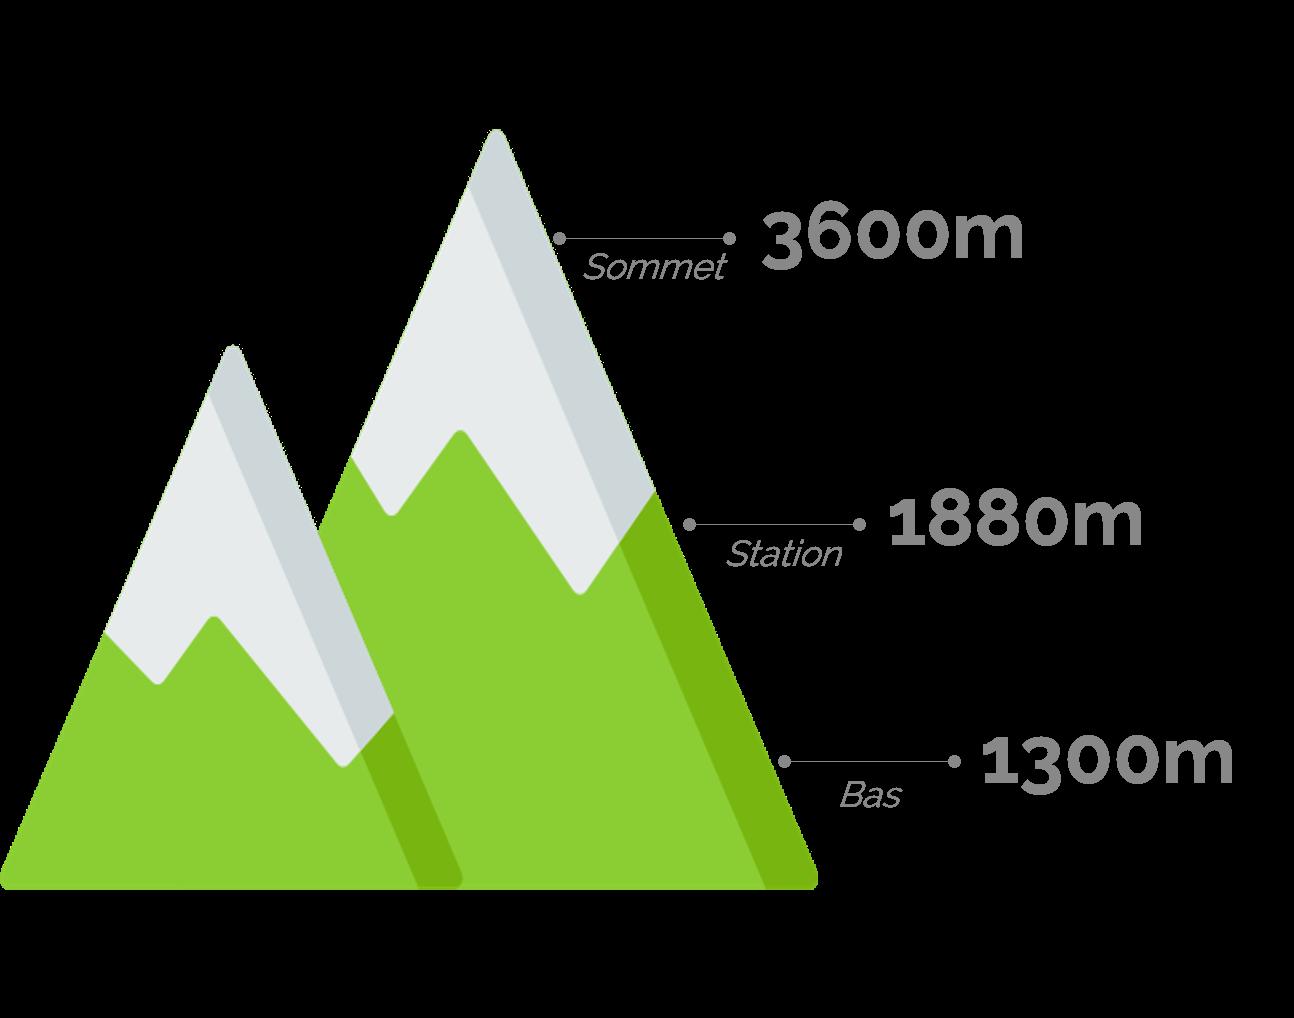 Les 2 Alpes ski moins cher skimoinscher.com